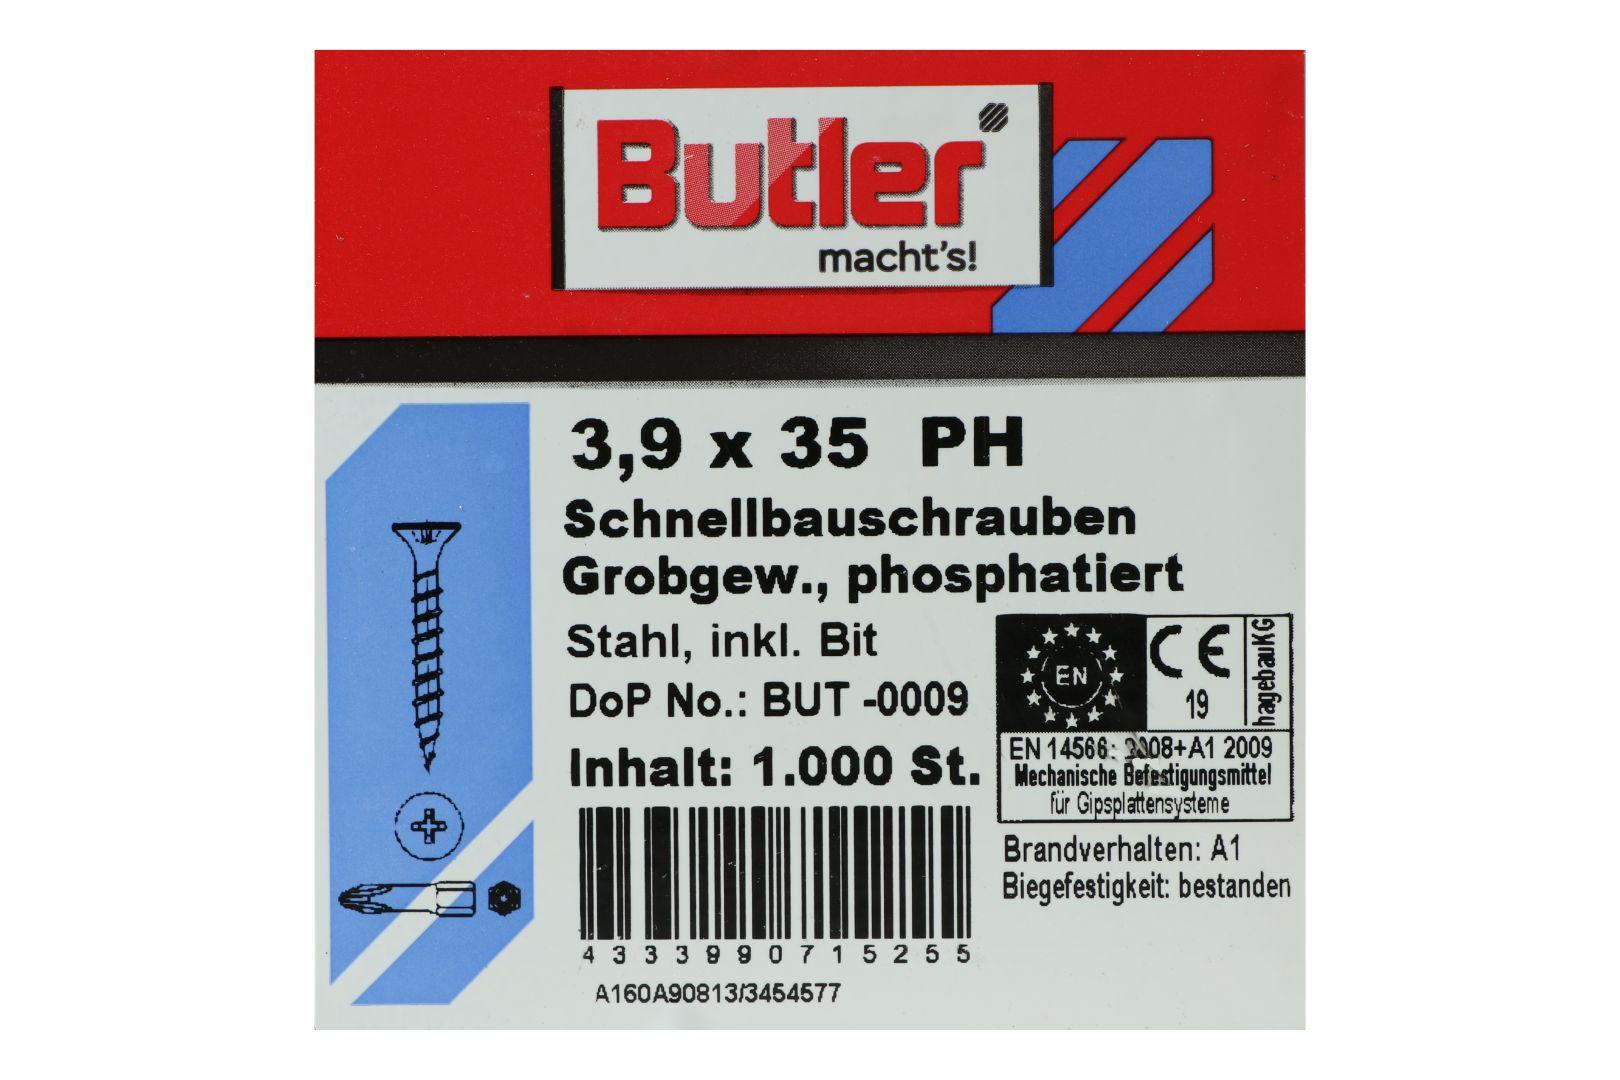 Butler macht's! Schnellbauschrauben inkl. Bit für Holz auf Holz, Grobgewinde, PH2, 3,9 x 35 mm, 1.000 Stück